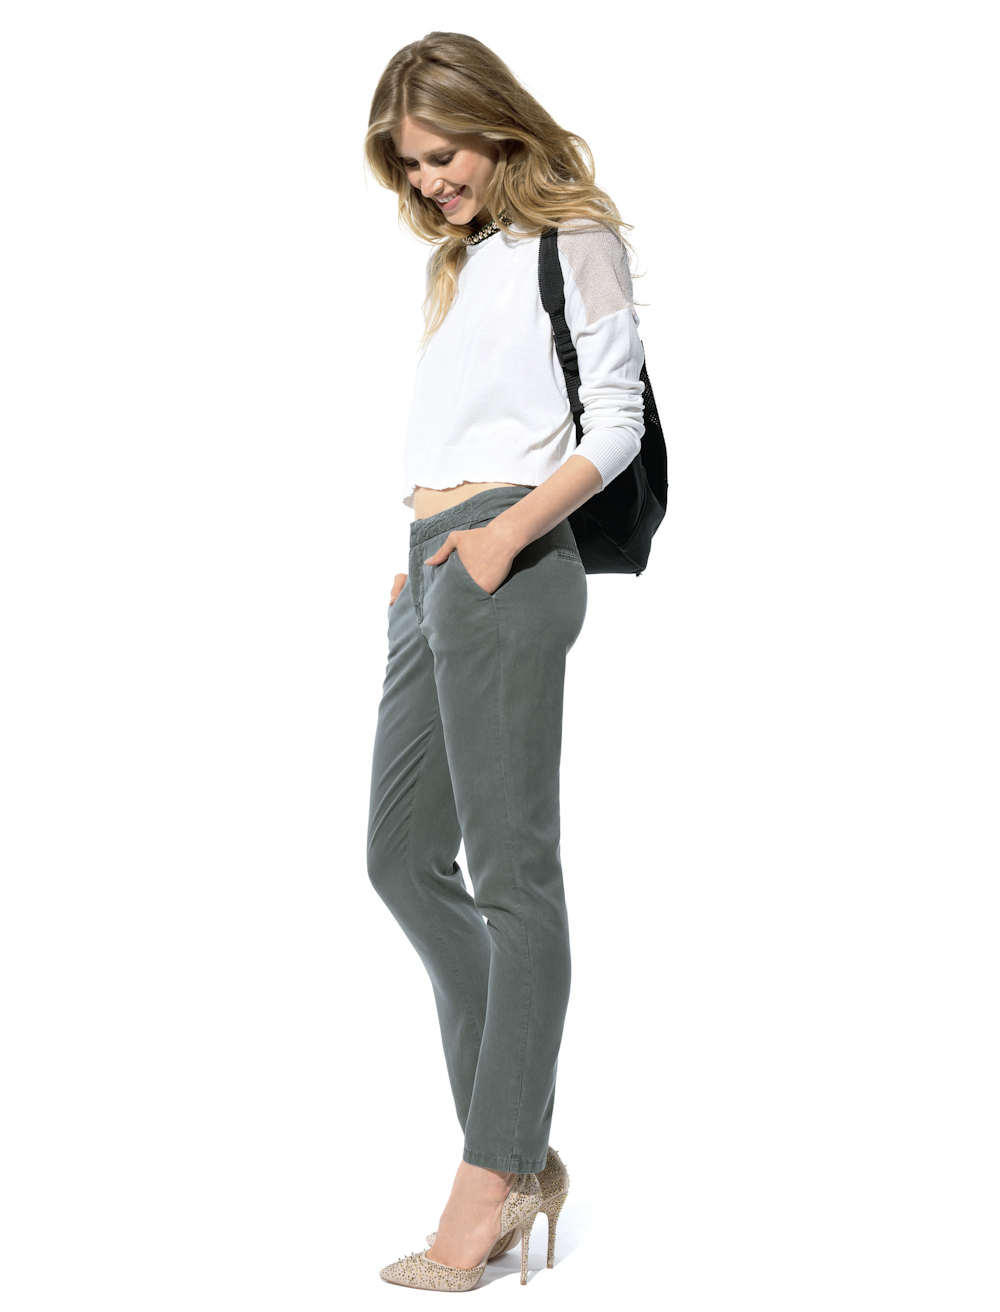 Avec quoi porter un pantalon kaki 6 id es de looks adopter cet automne hiver taaora blog - Quelle couleur avec pantalon bleu marine ...